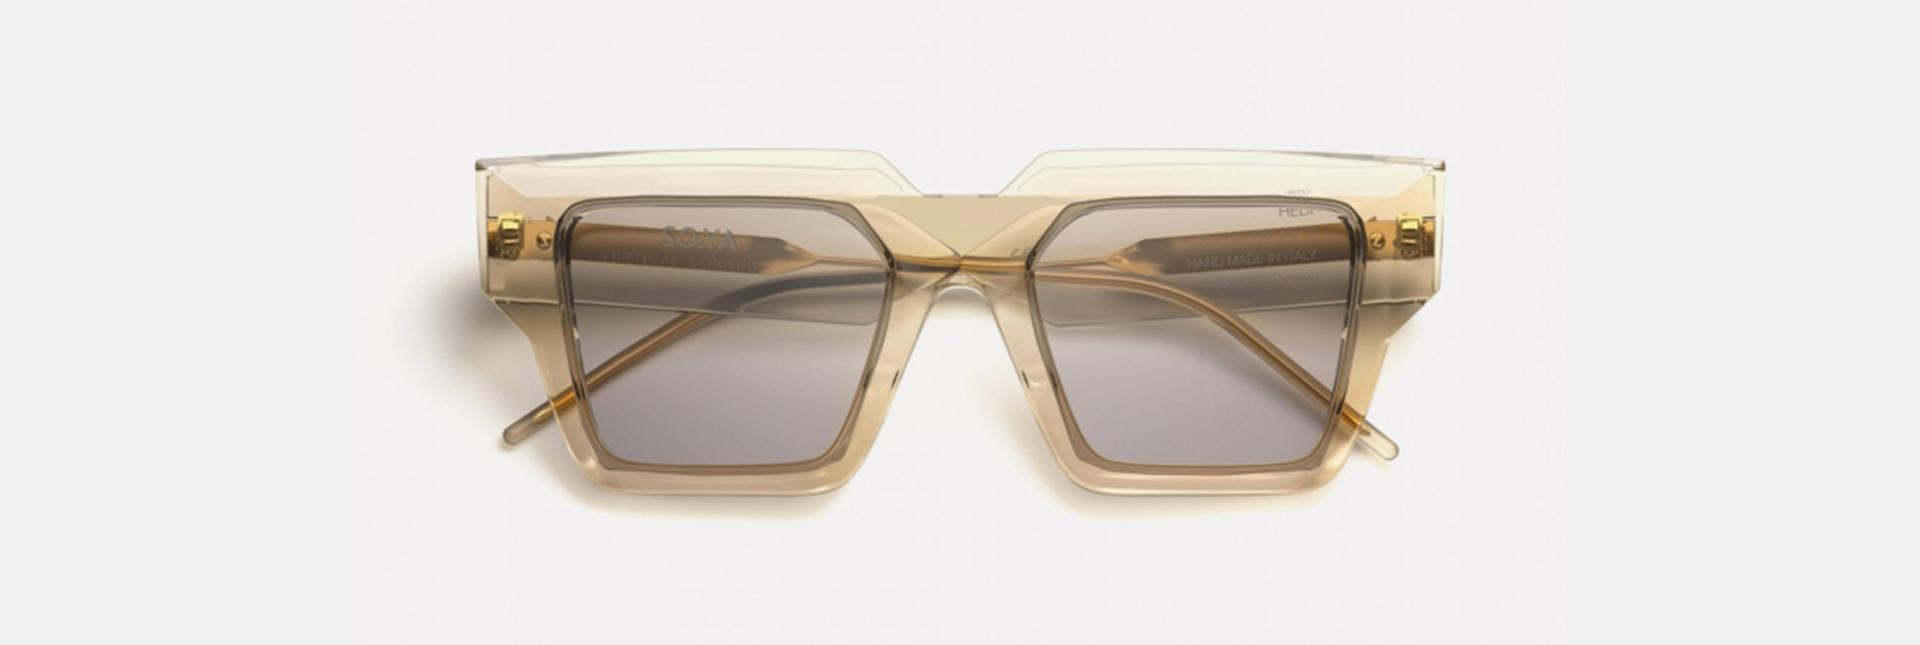 Soya® Sunglasses